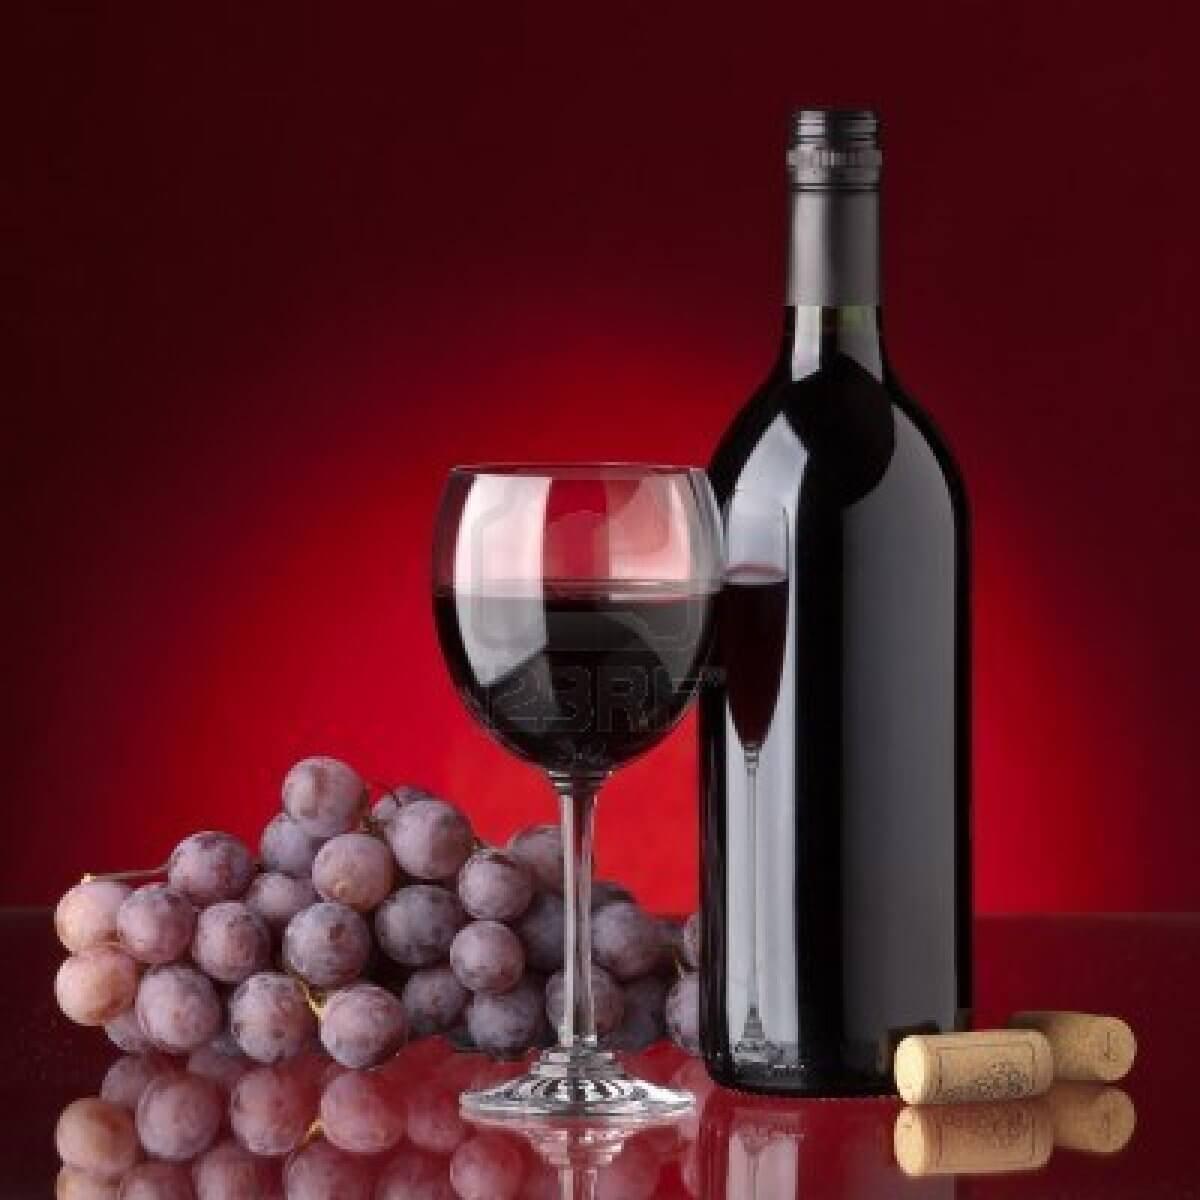 Le dépôt dans le vin signifie qu'il est trafiqué